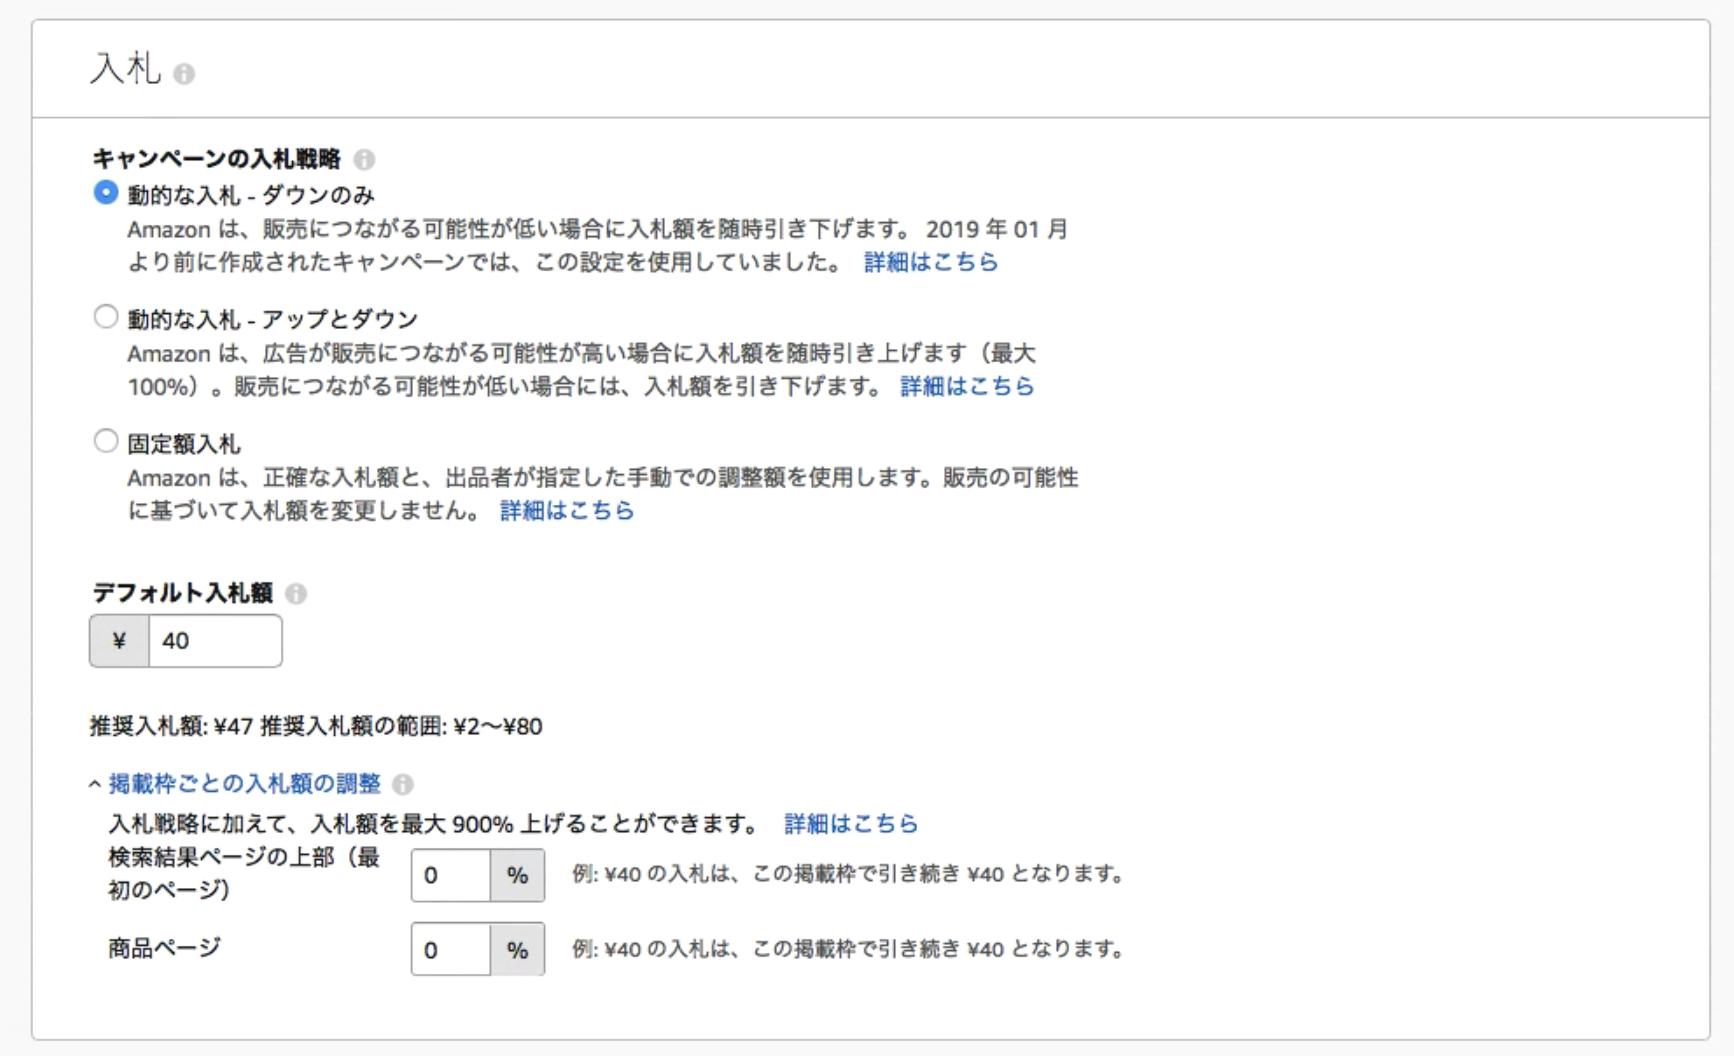 amazon スポンサープロダクト マニュアル入札額のデフォルト設定